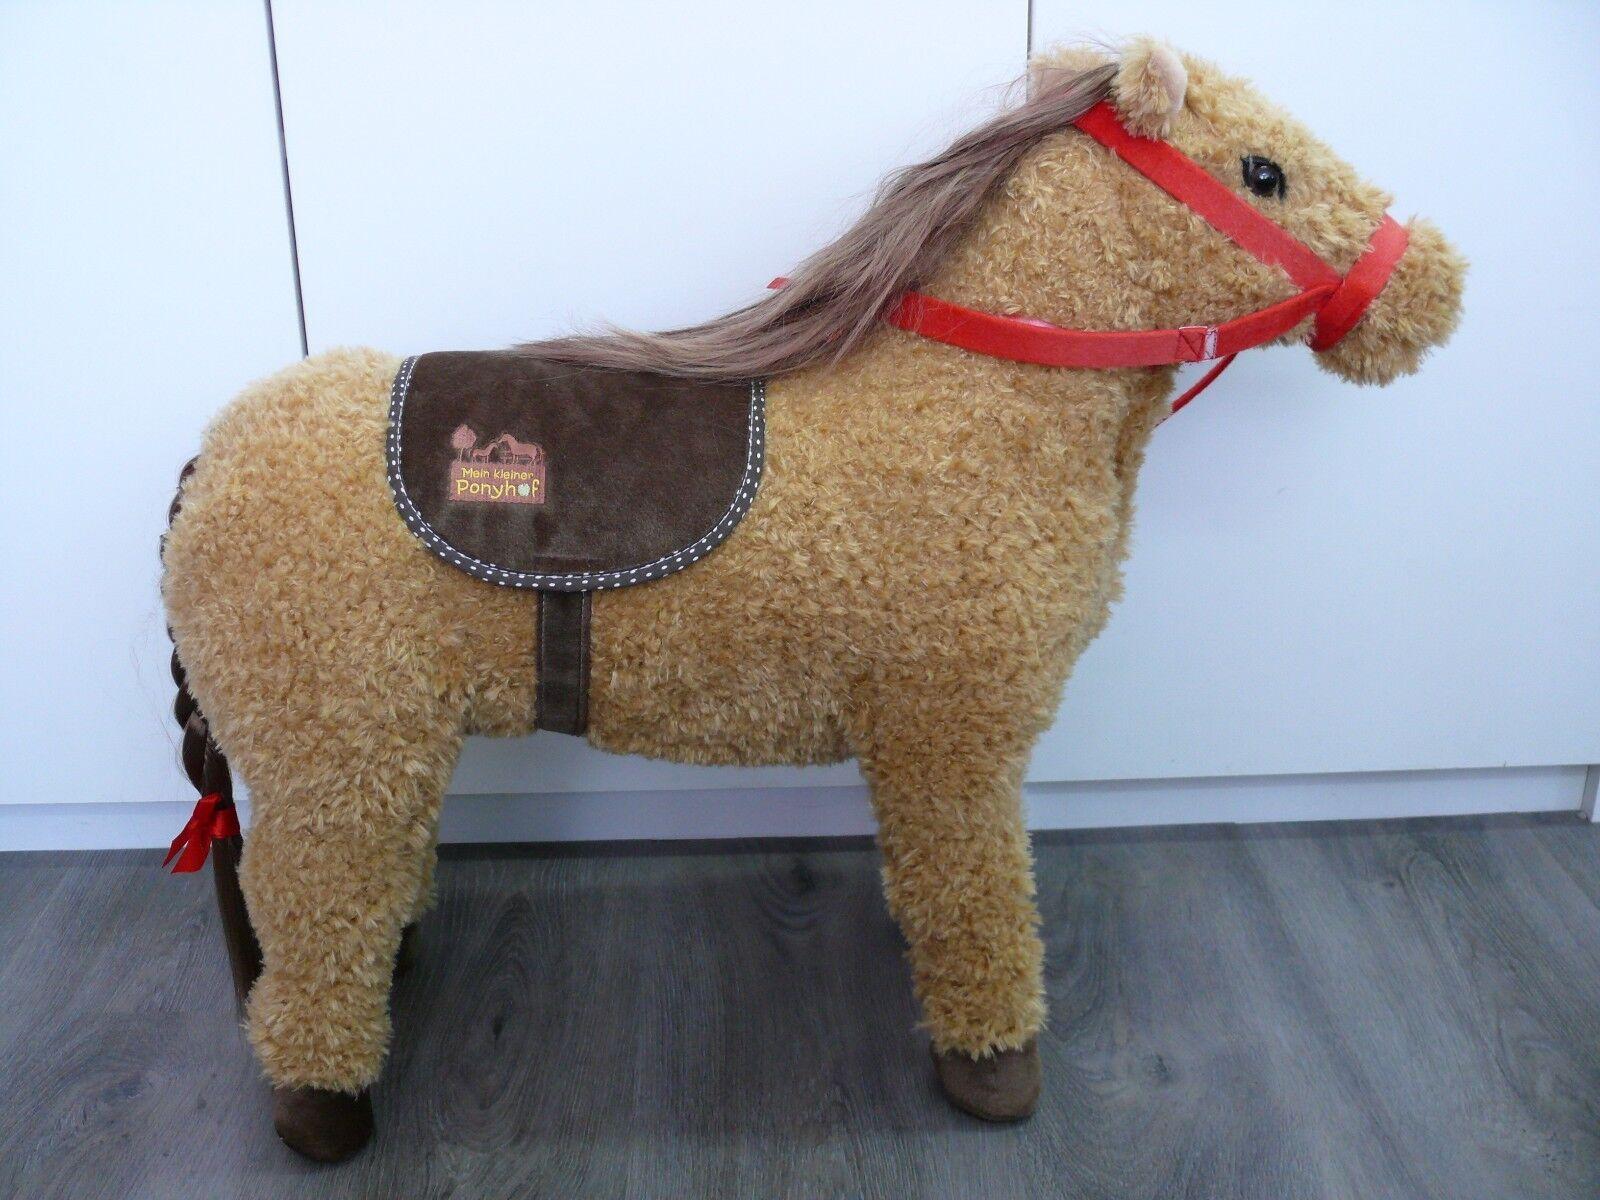 Spiegelburg - Mein Pony Ponyhof Charly Sitzpferd 46 cm Sitzhöhe - Neu